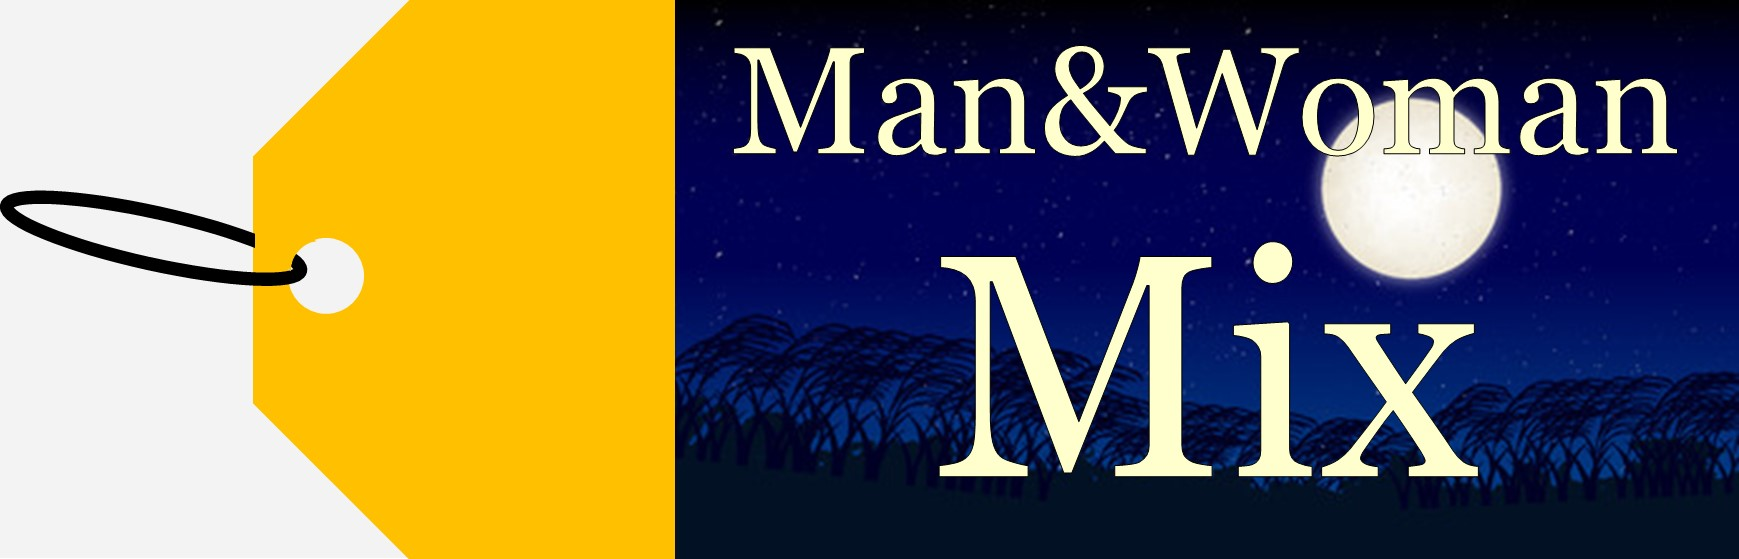 MAN & WOMAN MIX